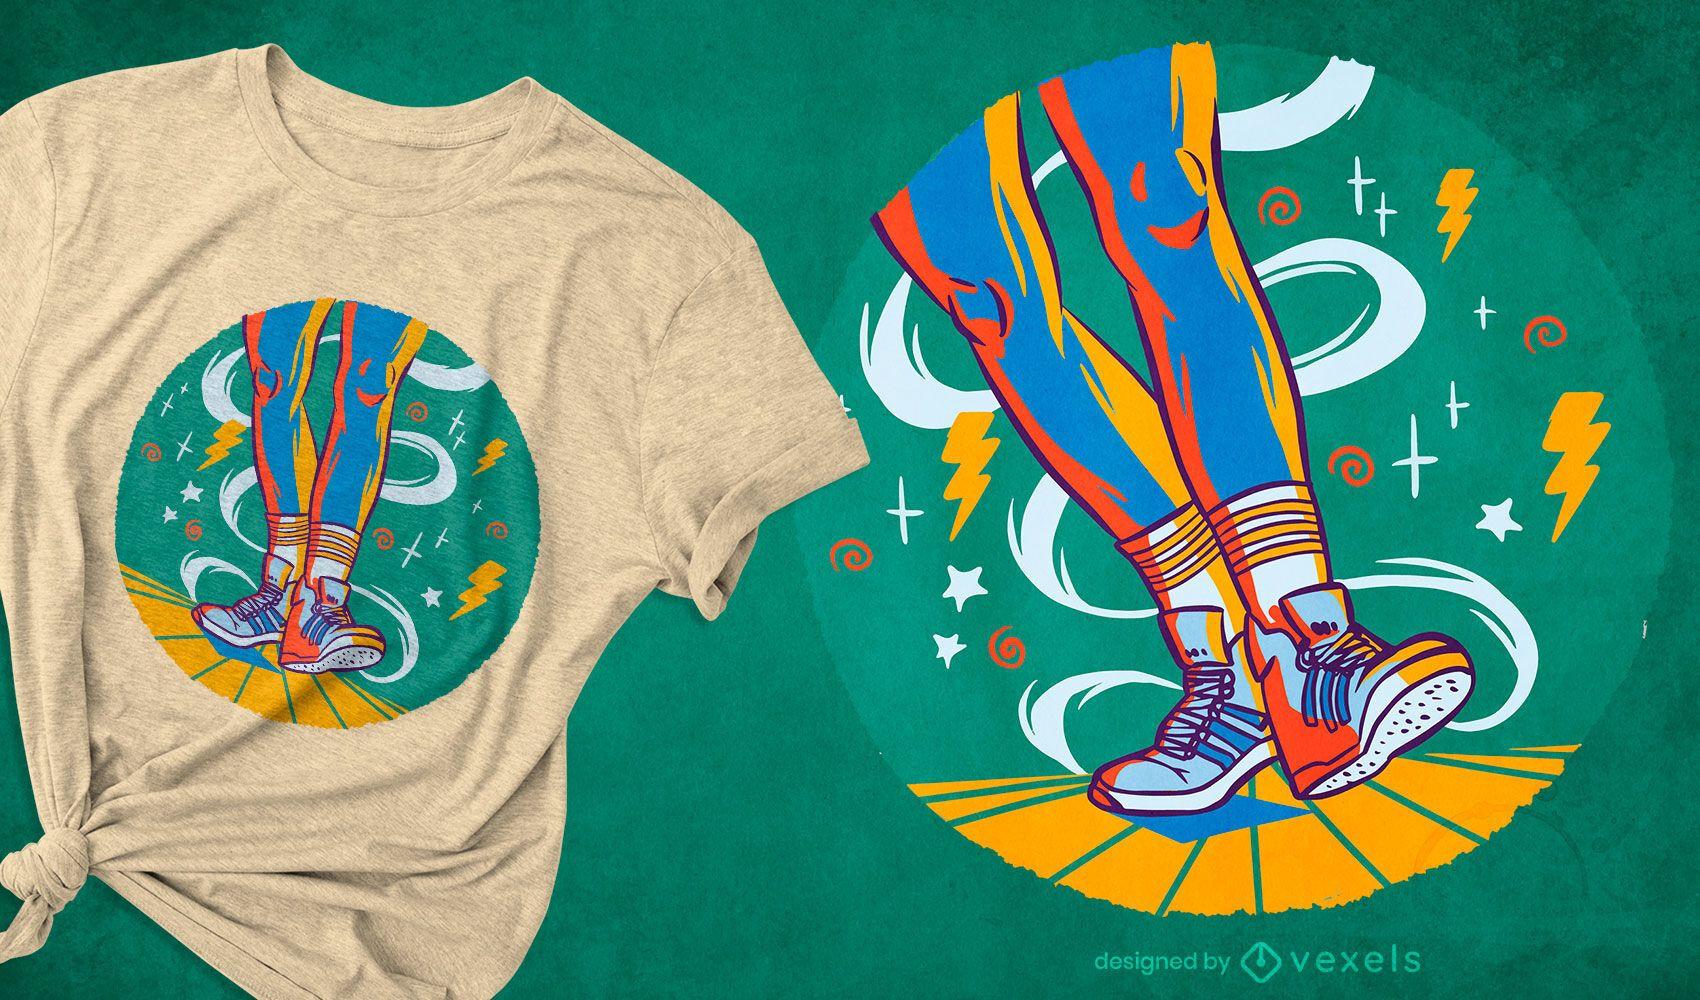 Shuffle dance colorful t-shirt design